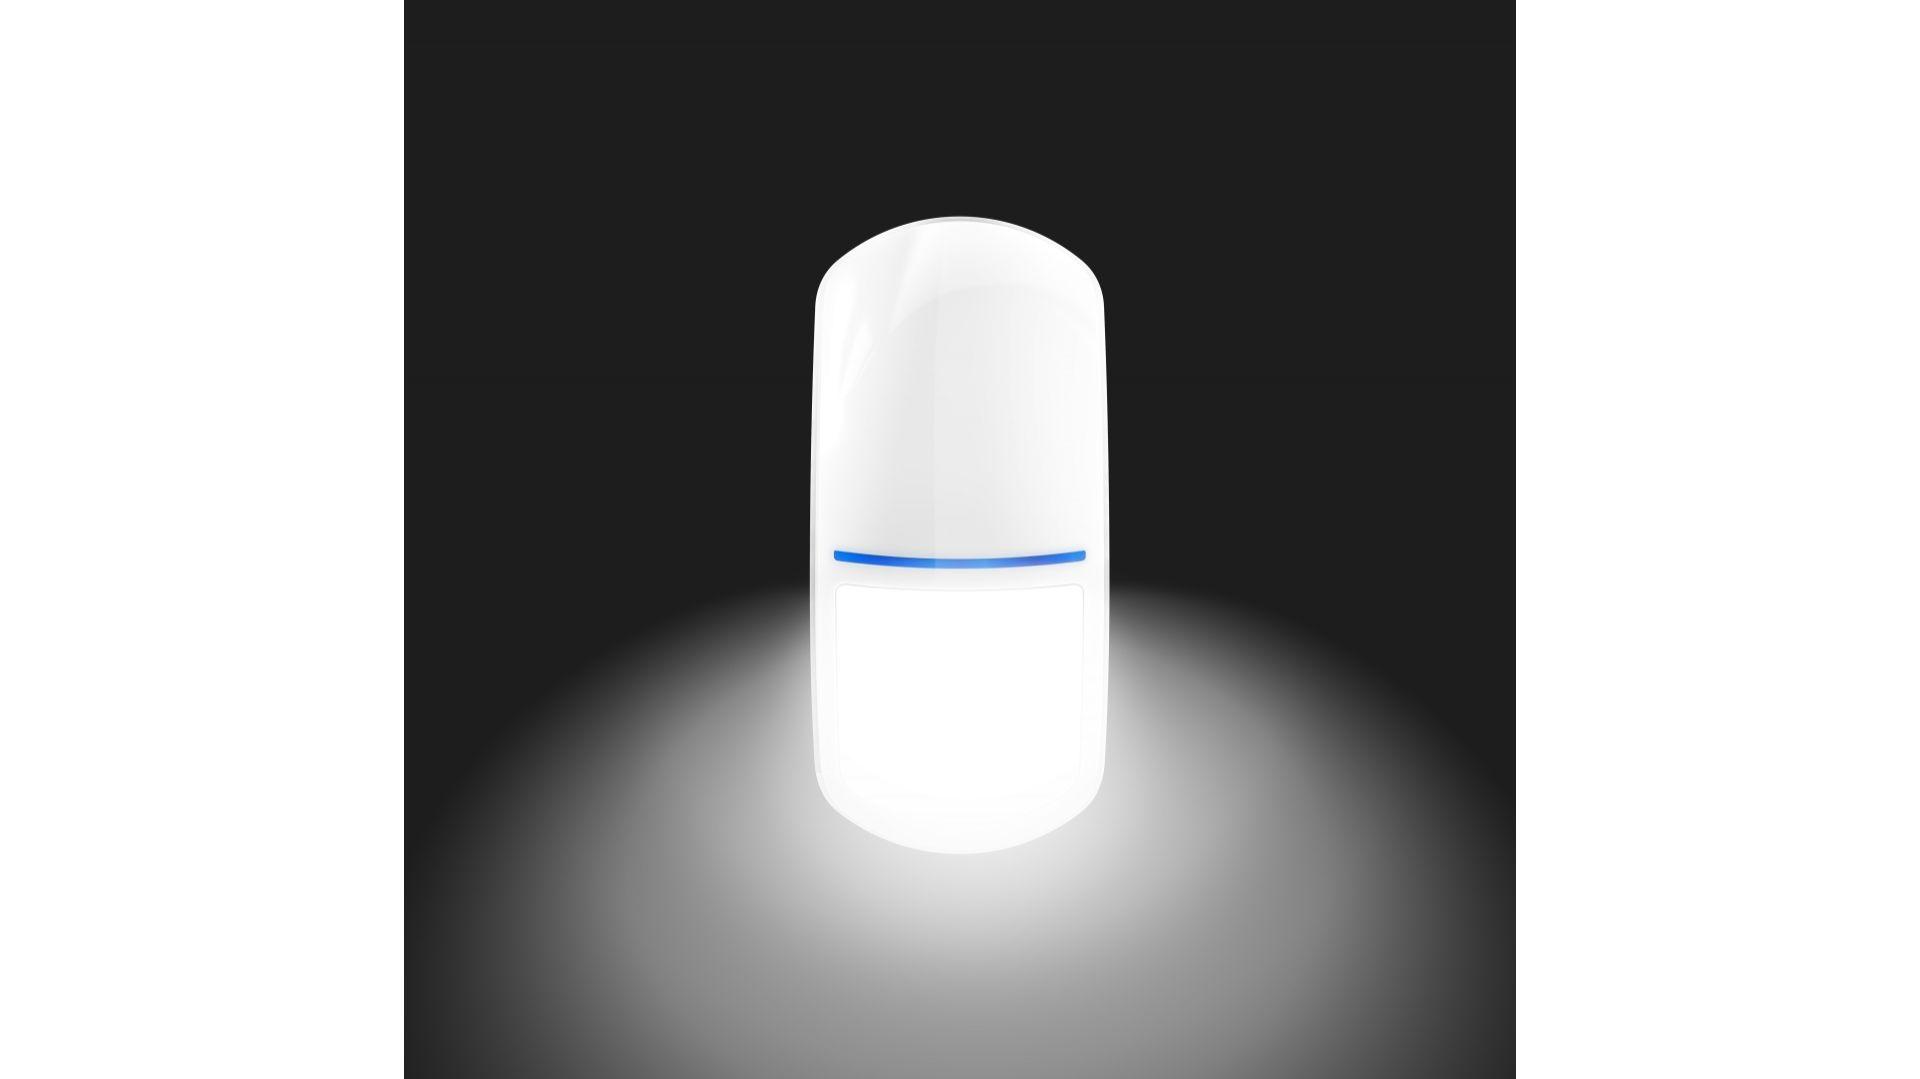 Czujka Slim-Pir-Luna/Satel. Produkt zgłoszony do konkursu Dobry Design 2020.